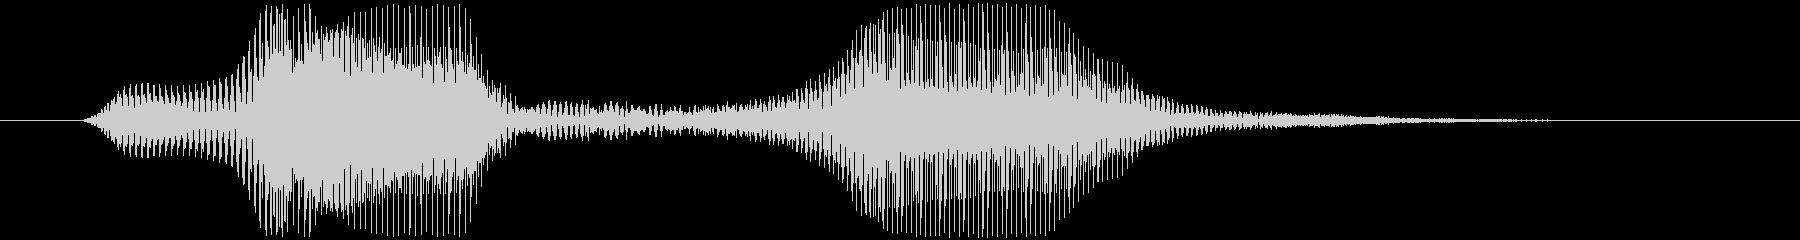 ぱふの未再生の波形